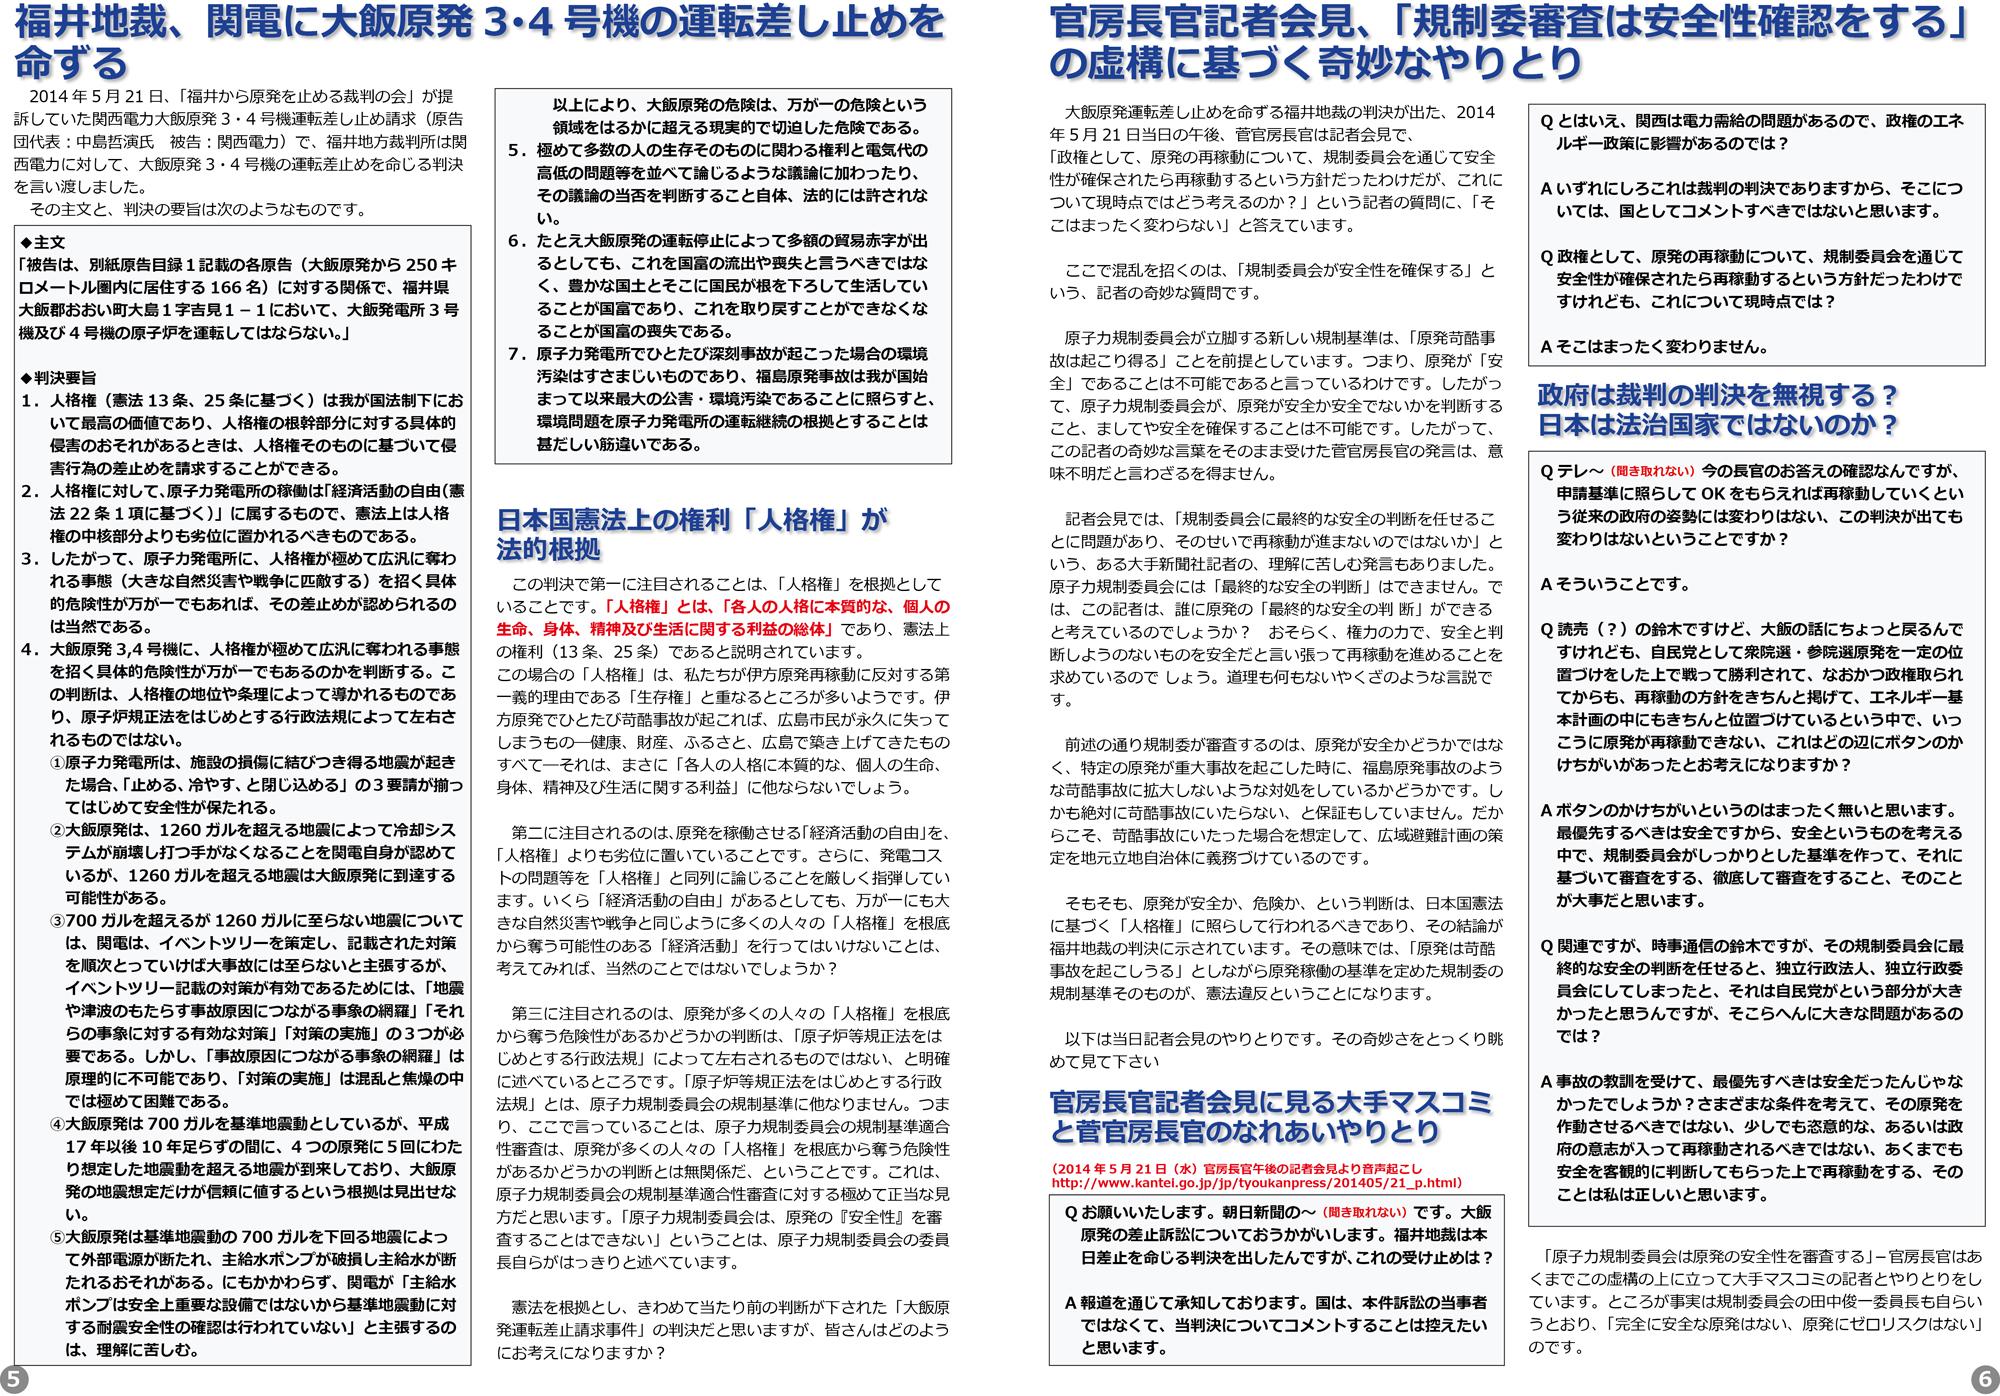 ファイル 18-3.jpg